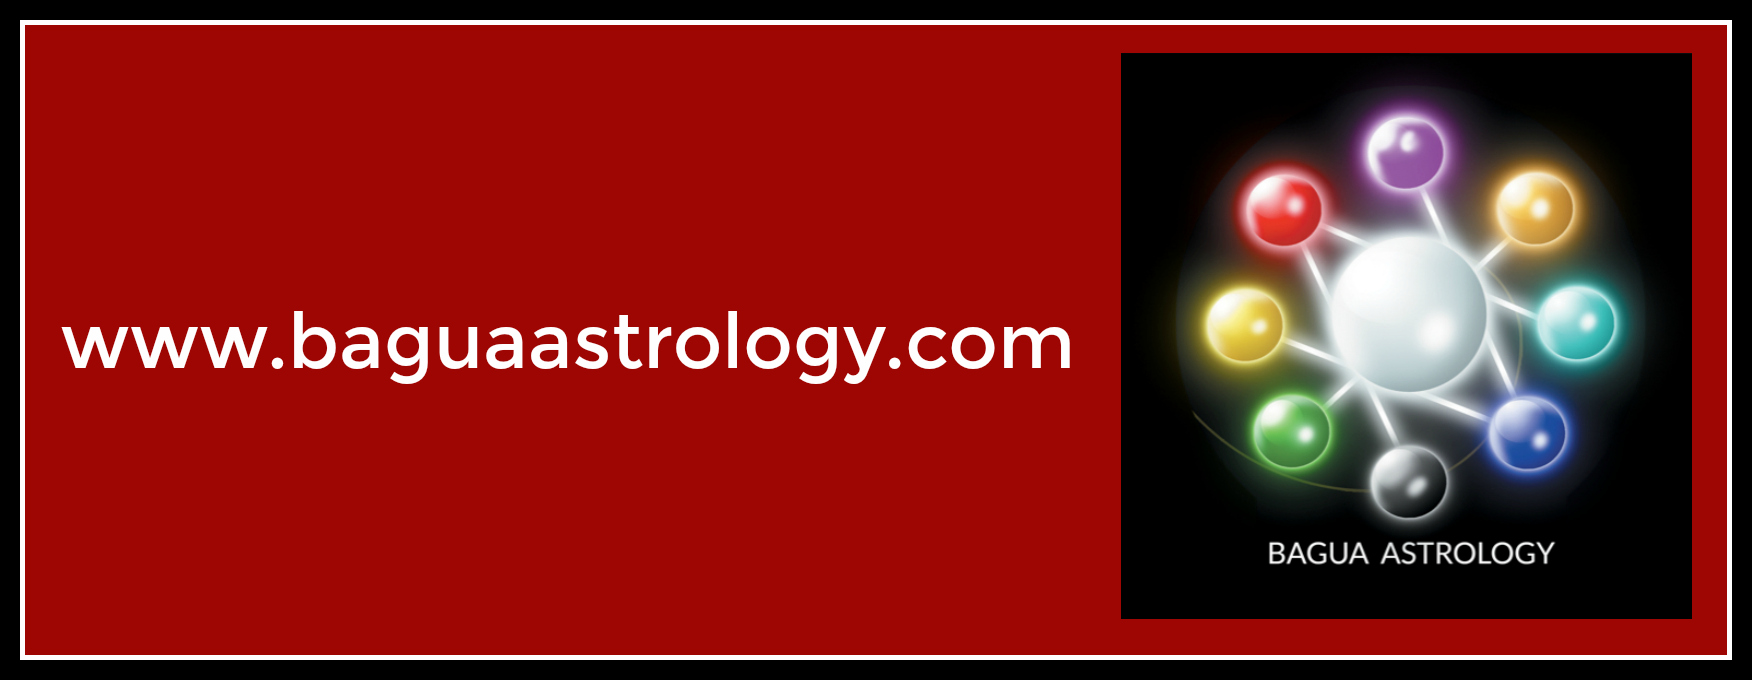 Bagua Astrology